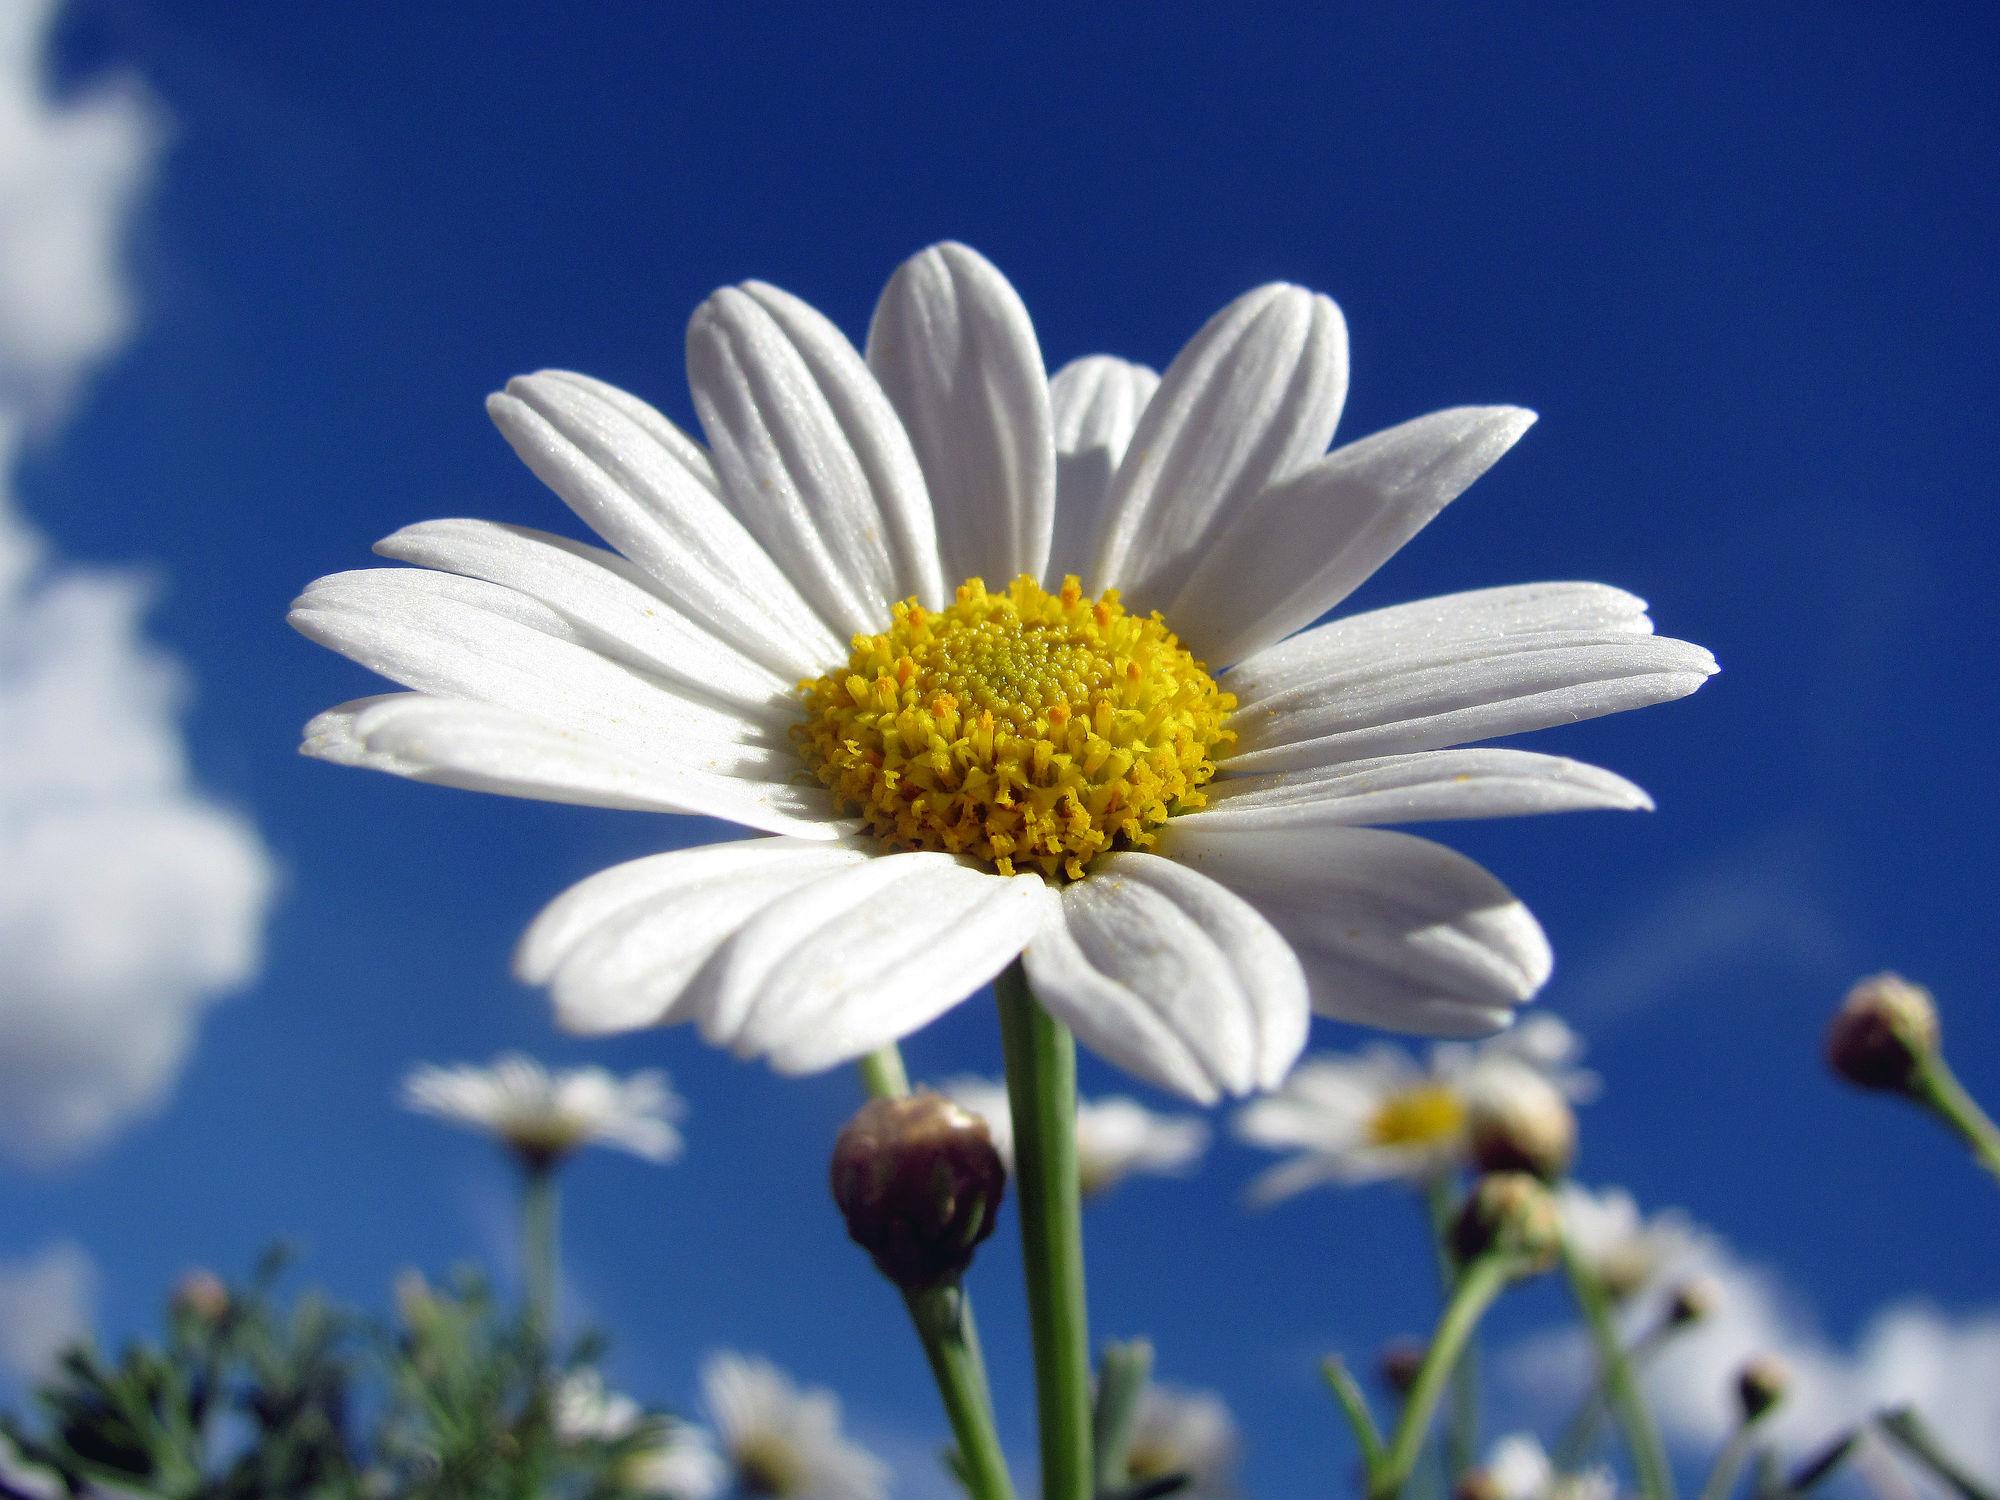 Bild mit Pflanzen, Pflanzen, Blumen, Blume, Margariten, Blüten, blüte, margarite